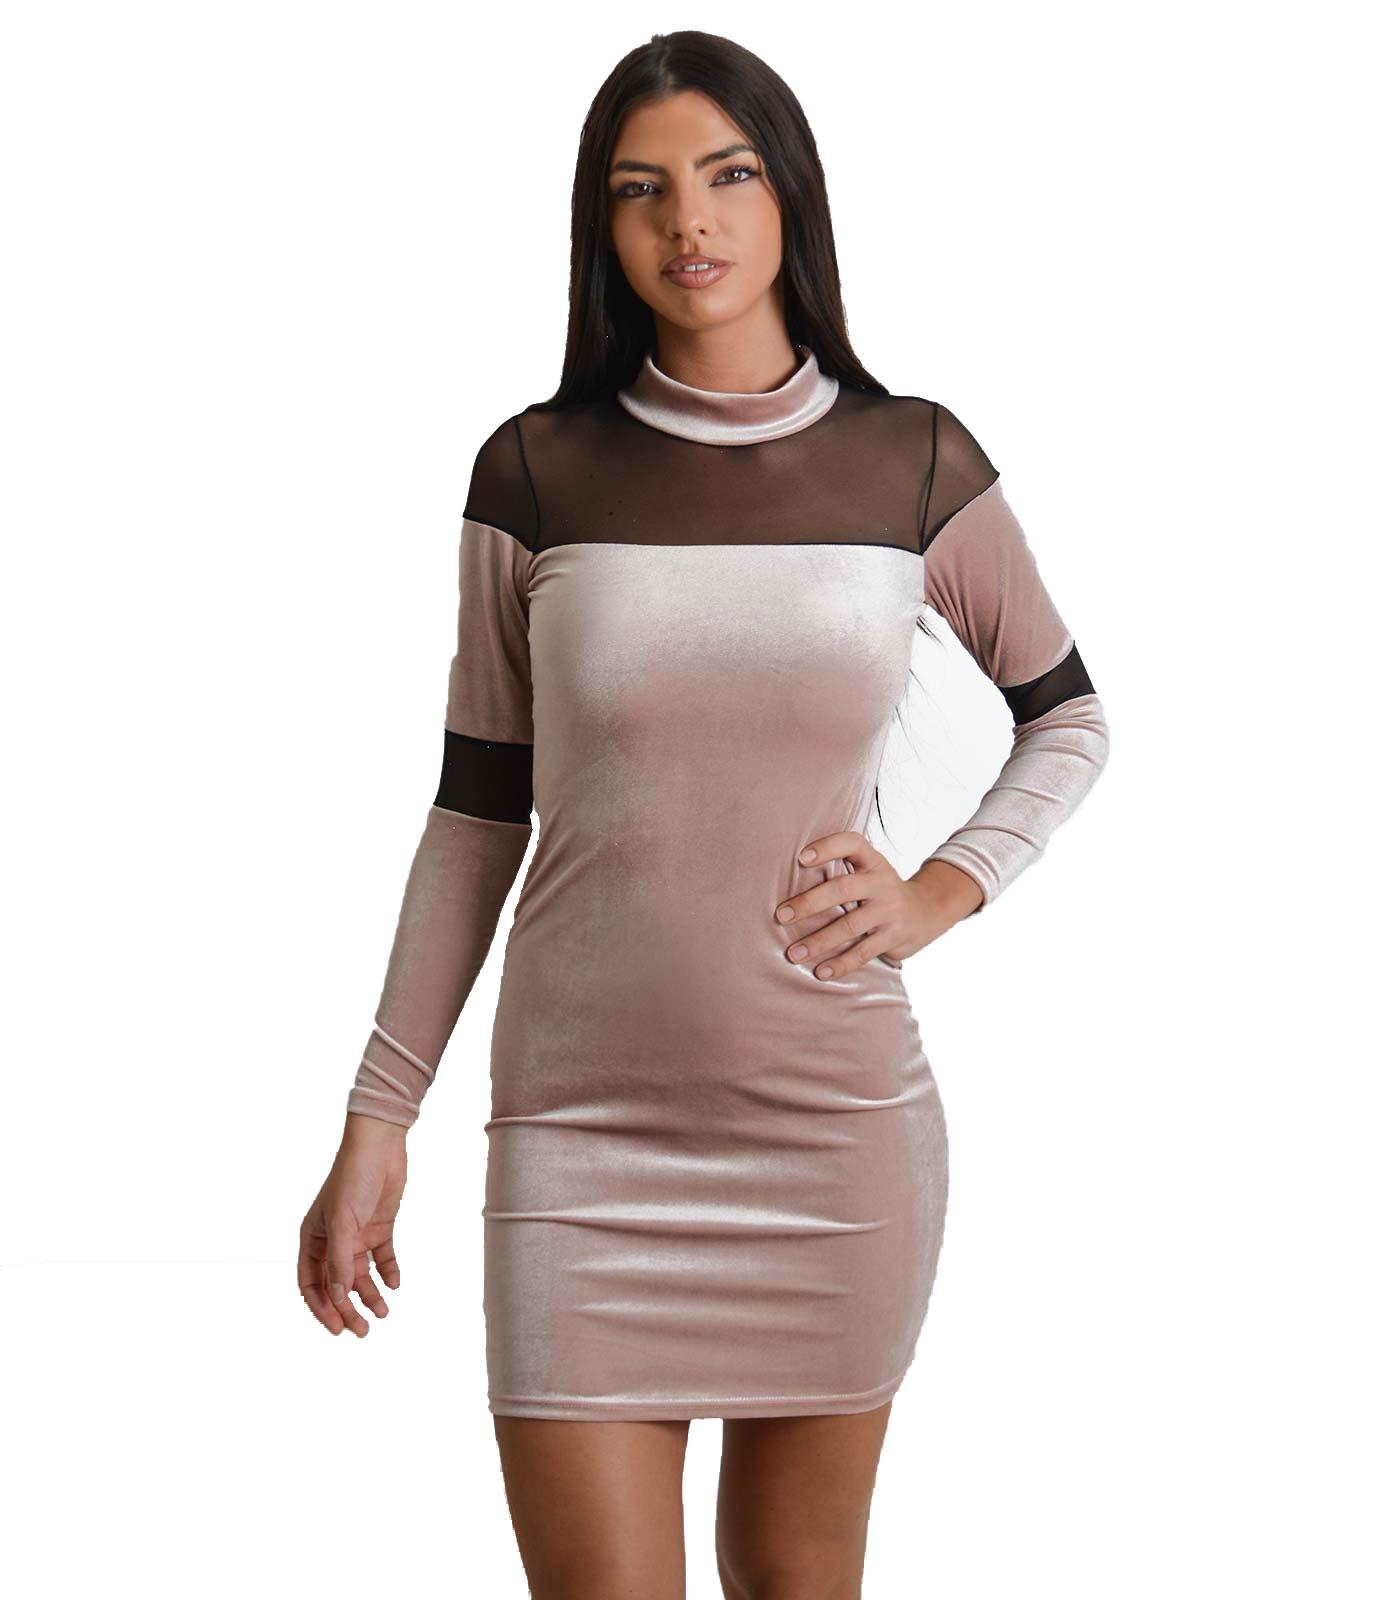 Φόρεμα με λωρίδες διαφάνεια (Ροζ)